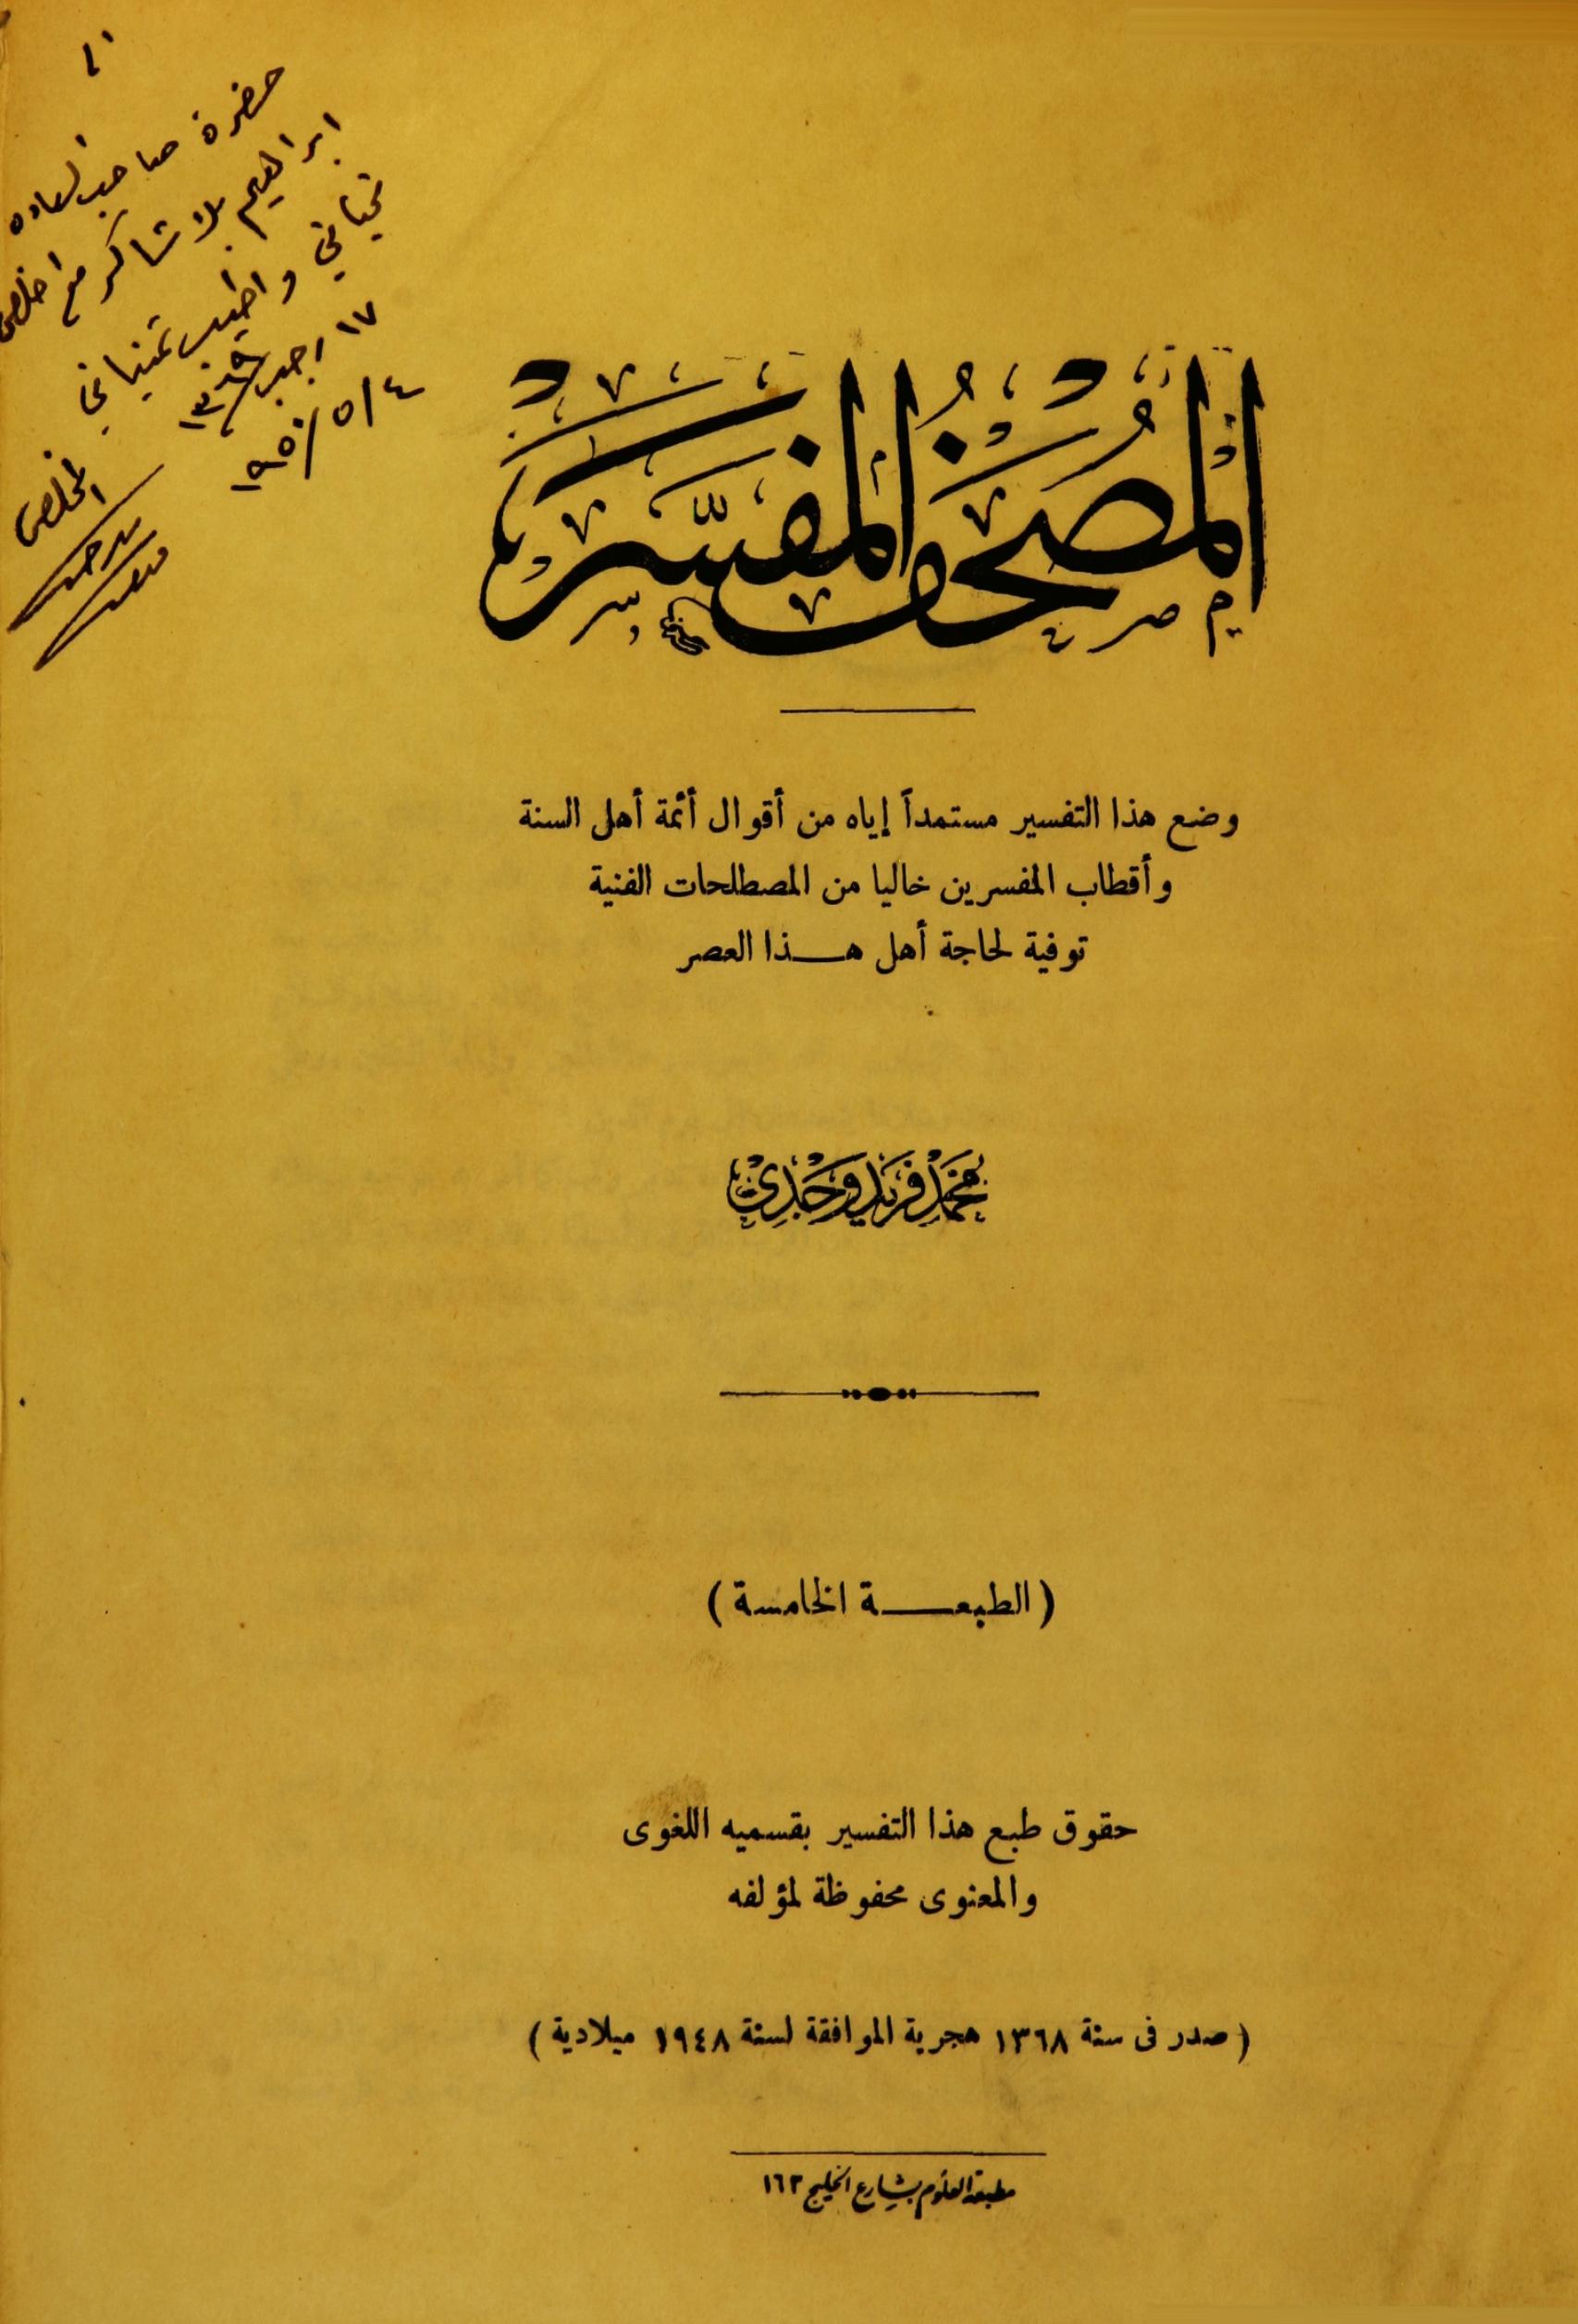 تحميل كتاب المصحف المفسر لـِ: الأستاذ محمد فريد وجدي (ت 1373)